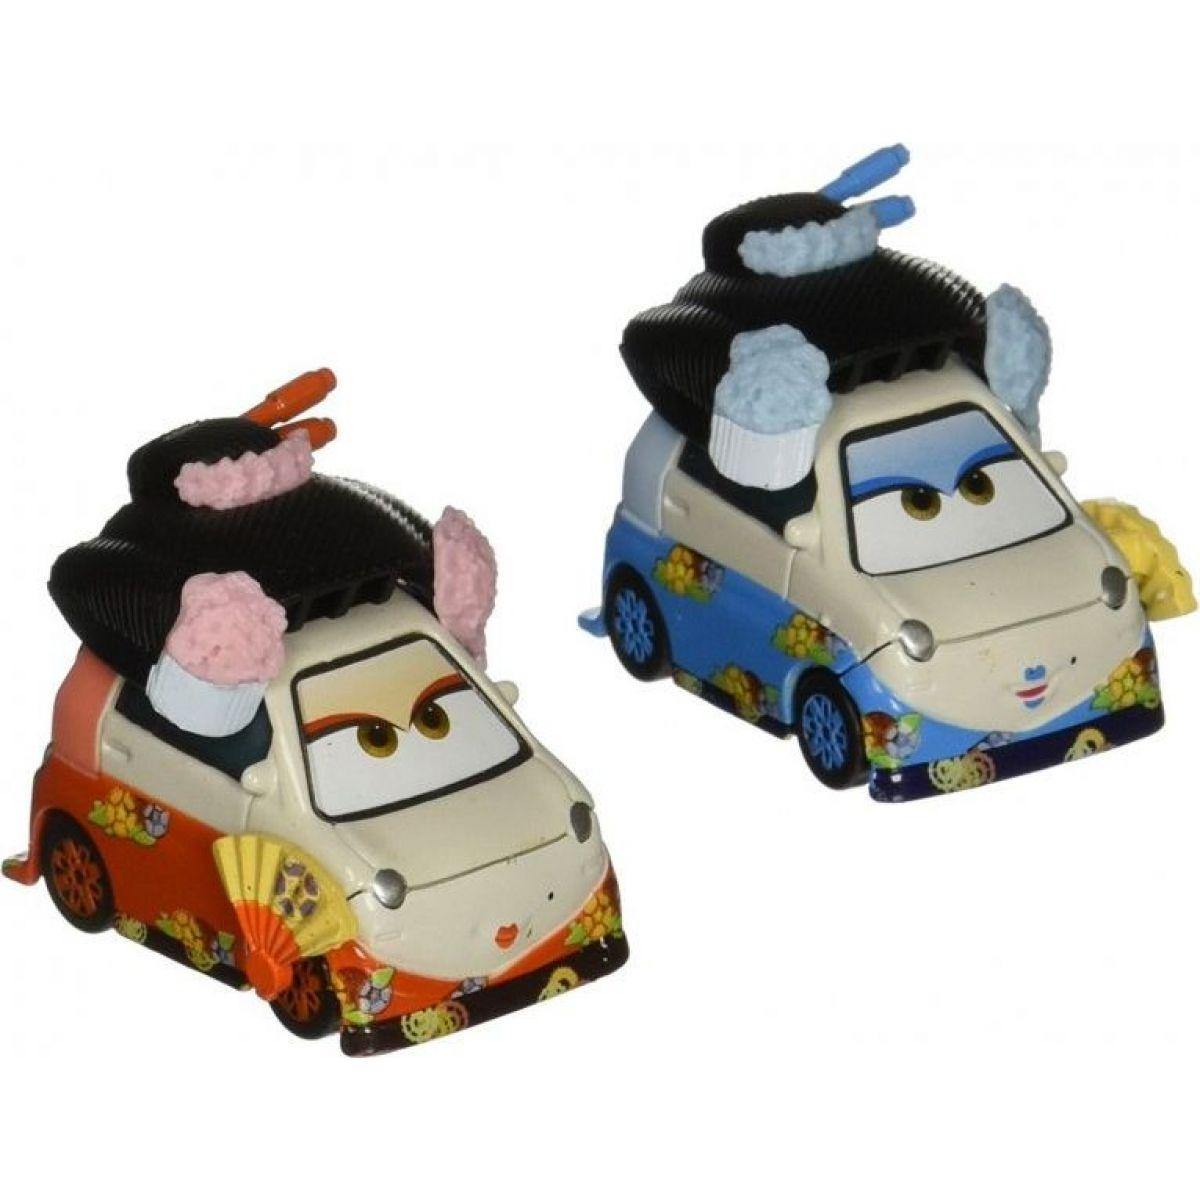 Cars 2 autíčka 2ks Mattel Y0506 - Okuni a Shigeko - Poškozený obal